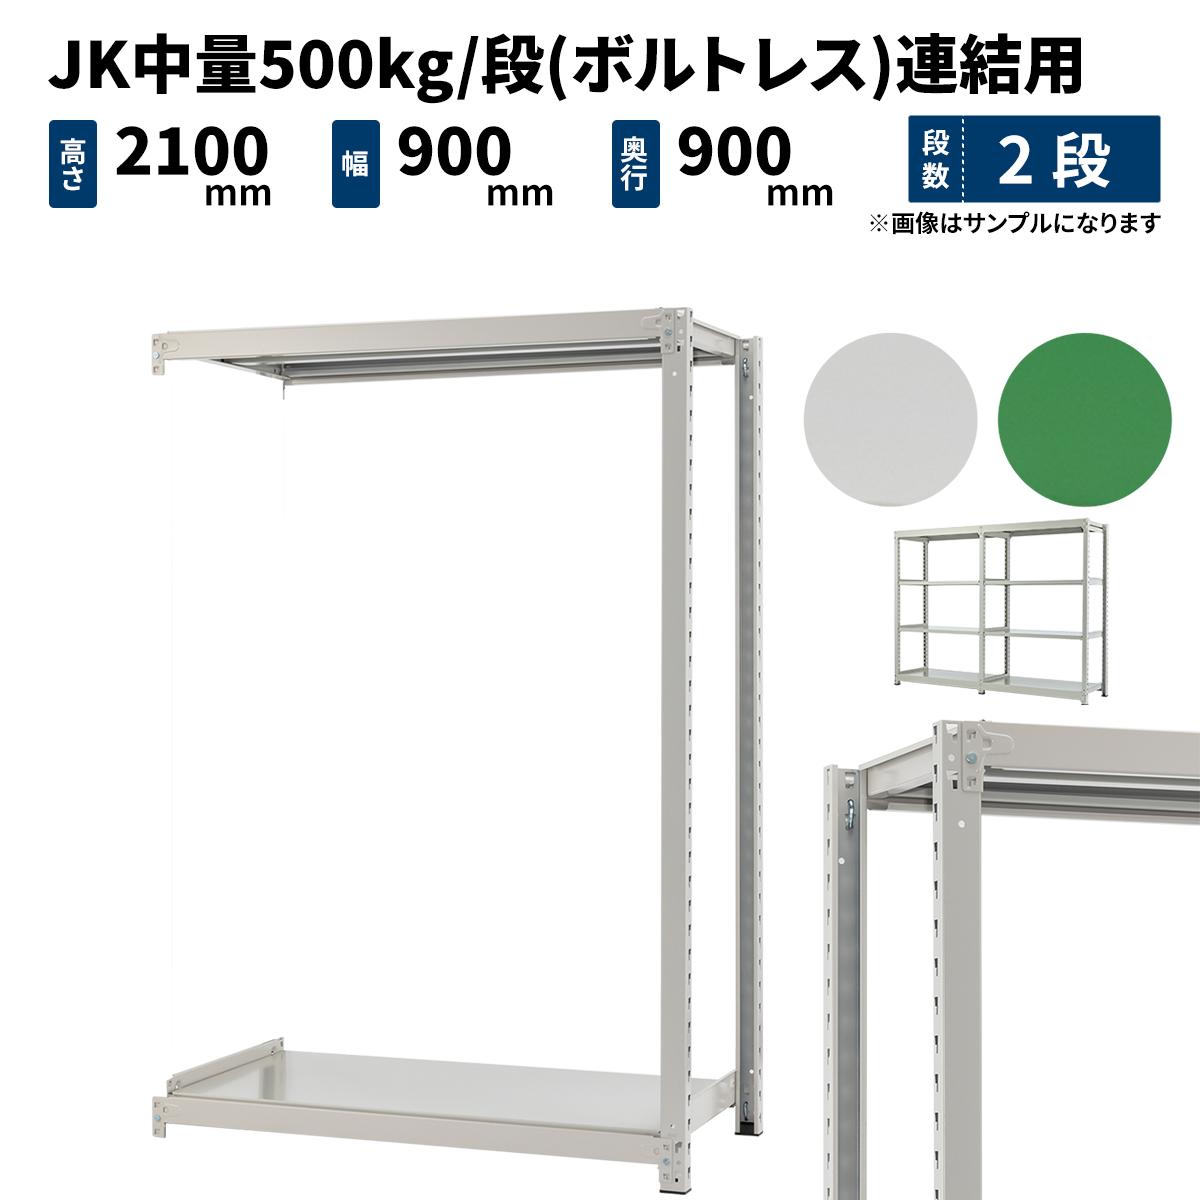 スチールラック 業務用 JK中量500kg/段(ボルトレス) 連結形式 高さ2100×幅900×奥行900mm 2段 ホワイトグレー/グリーン (41kg) JK500_R-210909-2